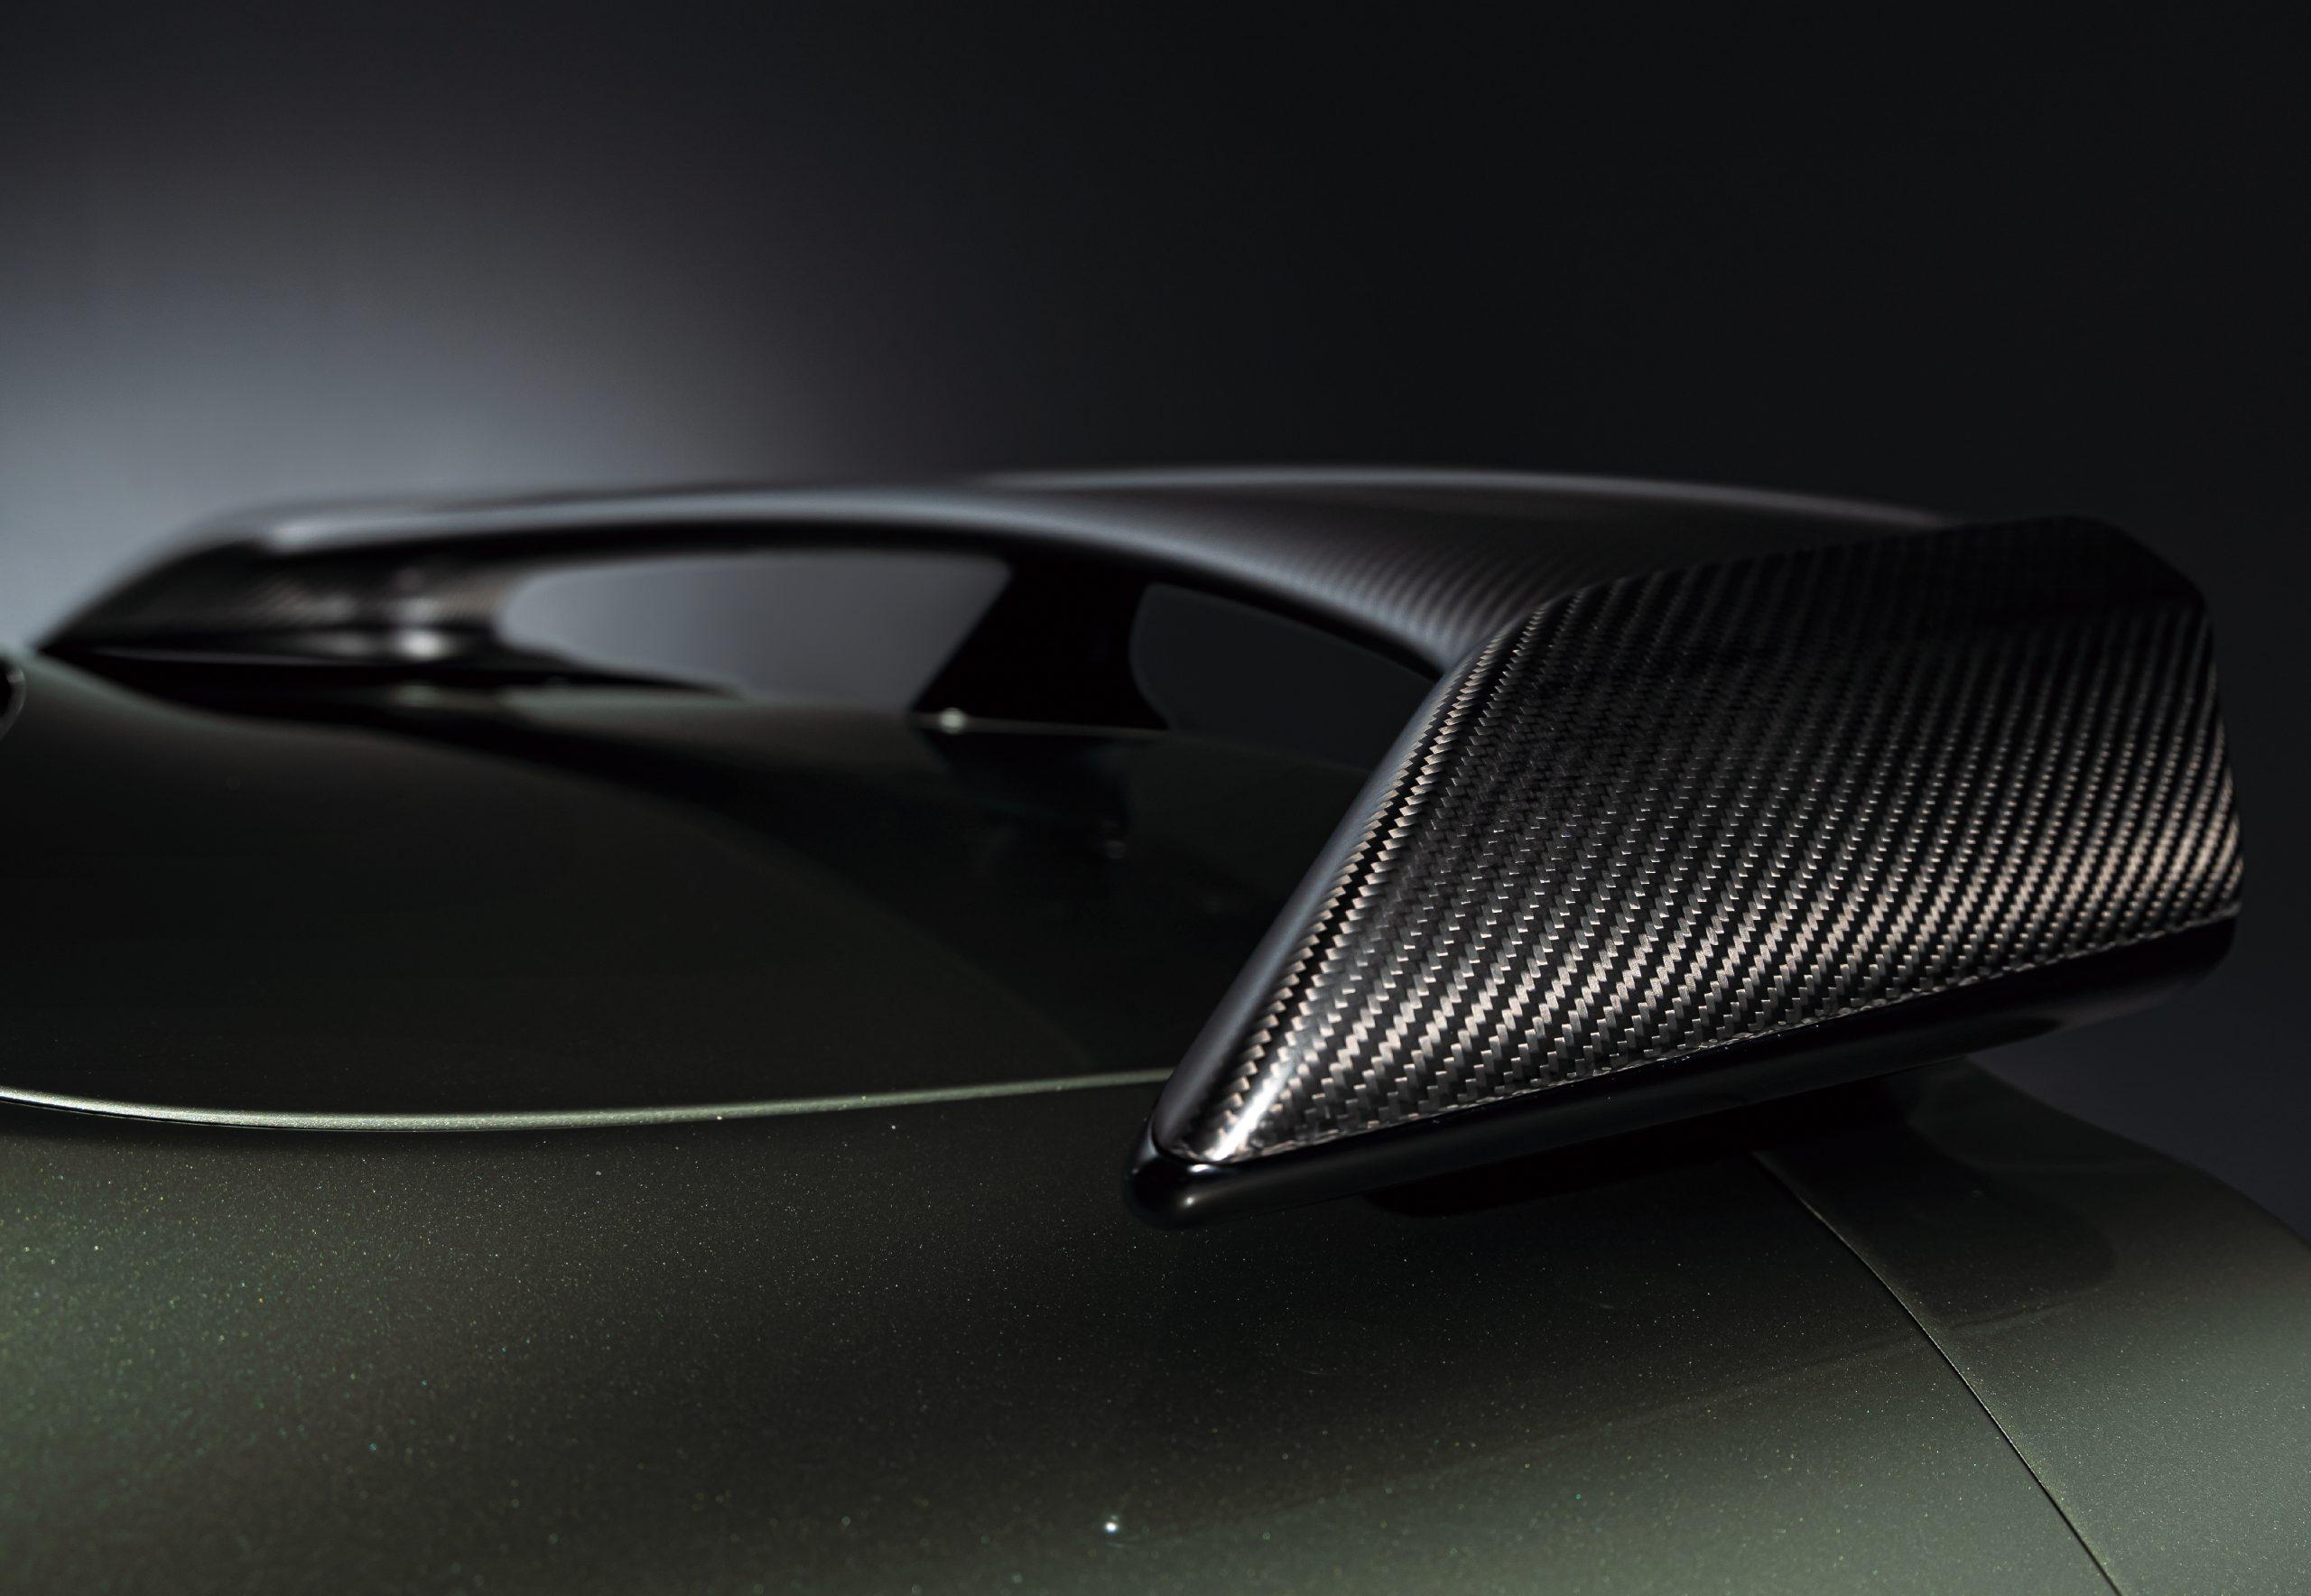 2022 Nissan GT-R Premium T-Spec carbon fiber spoiler